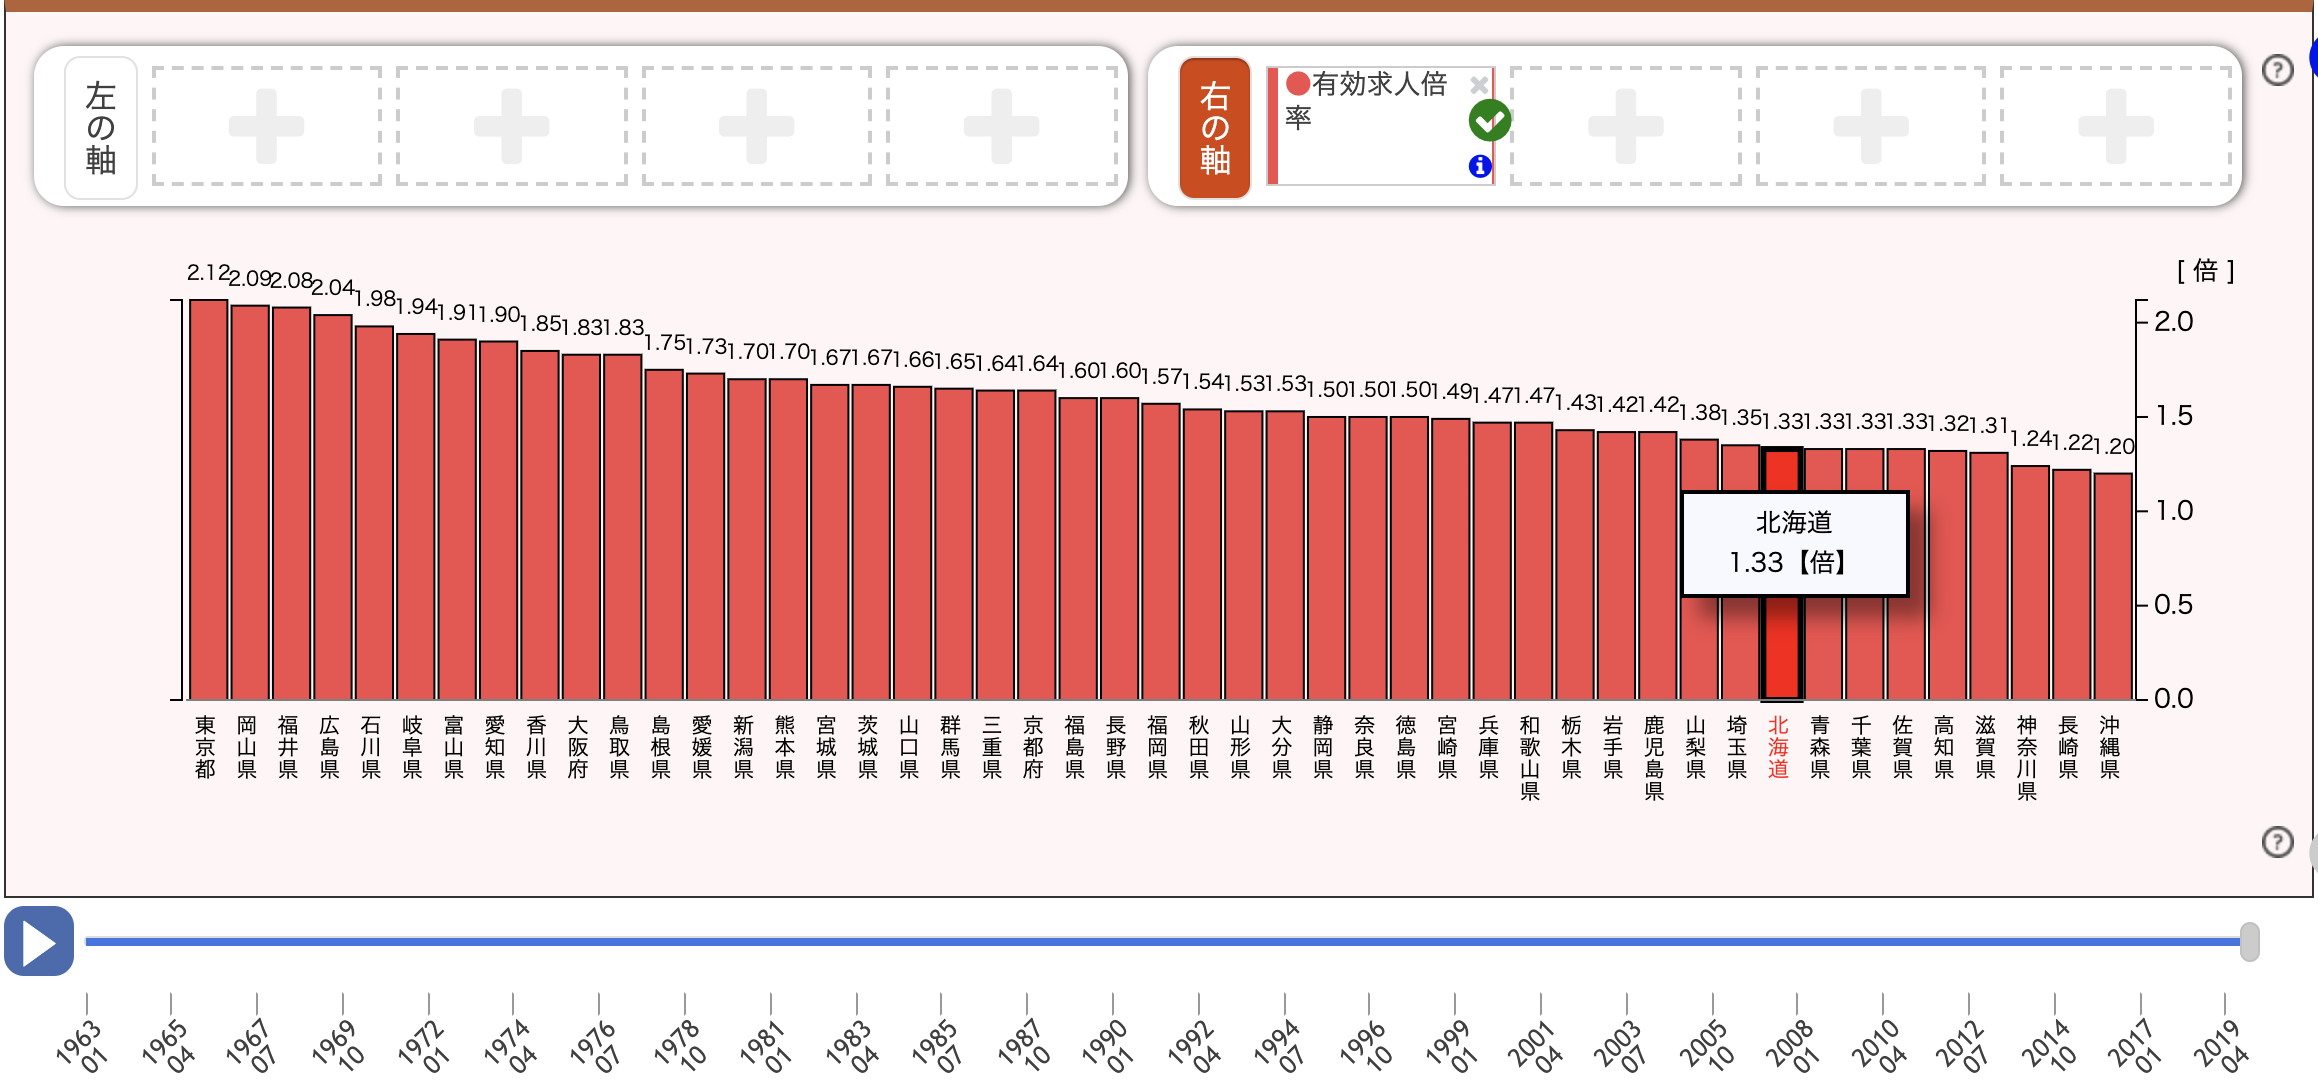 北海道-有効求人倍率201911